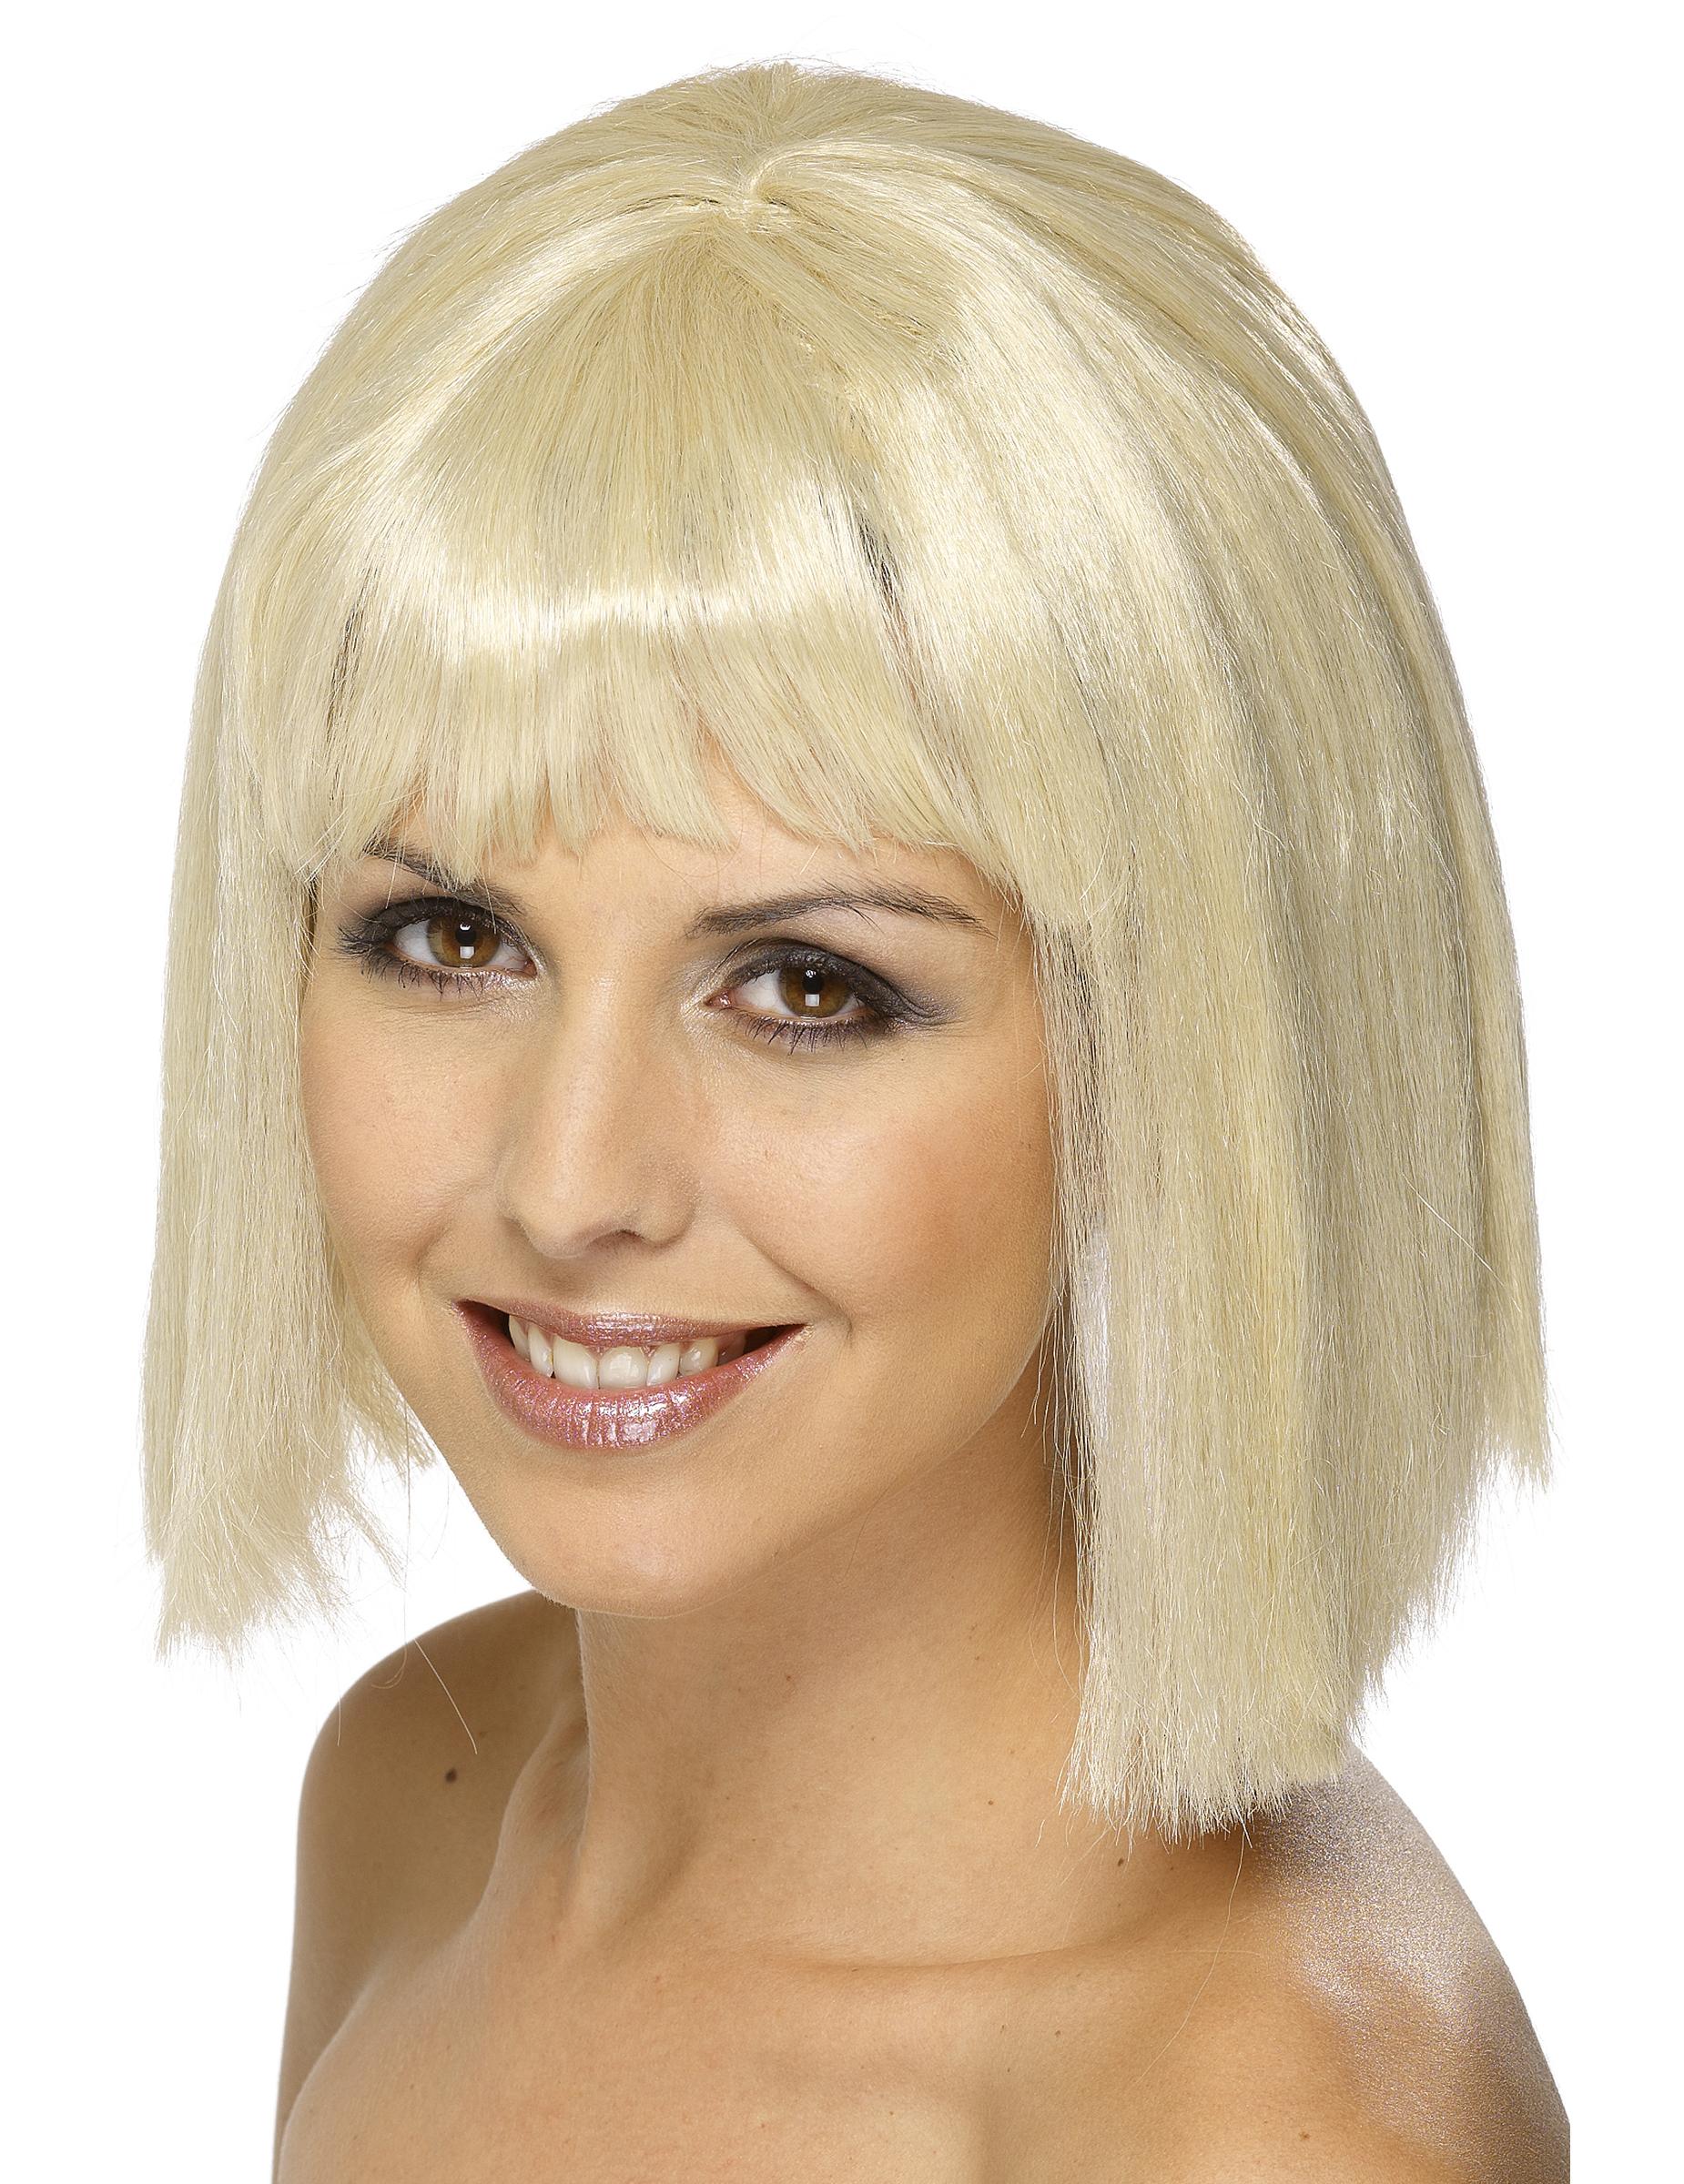 Perruque Blonde Avec Frange Femme Decoration Anniversaire Et Fetes A Theme Sur Vegaoo Party